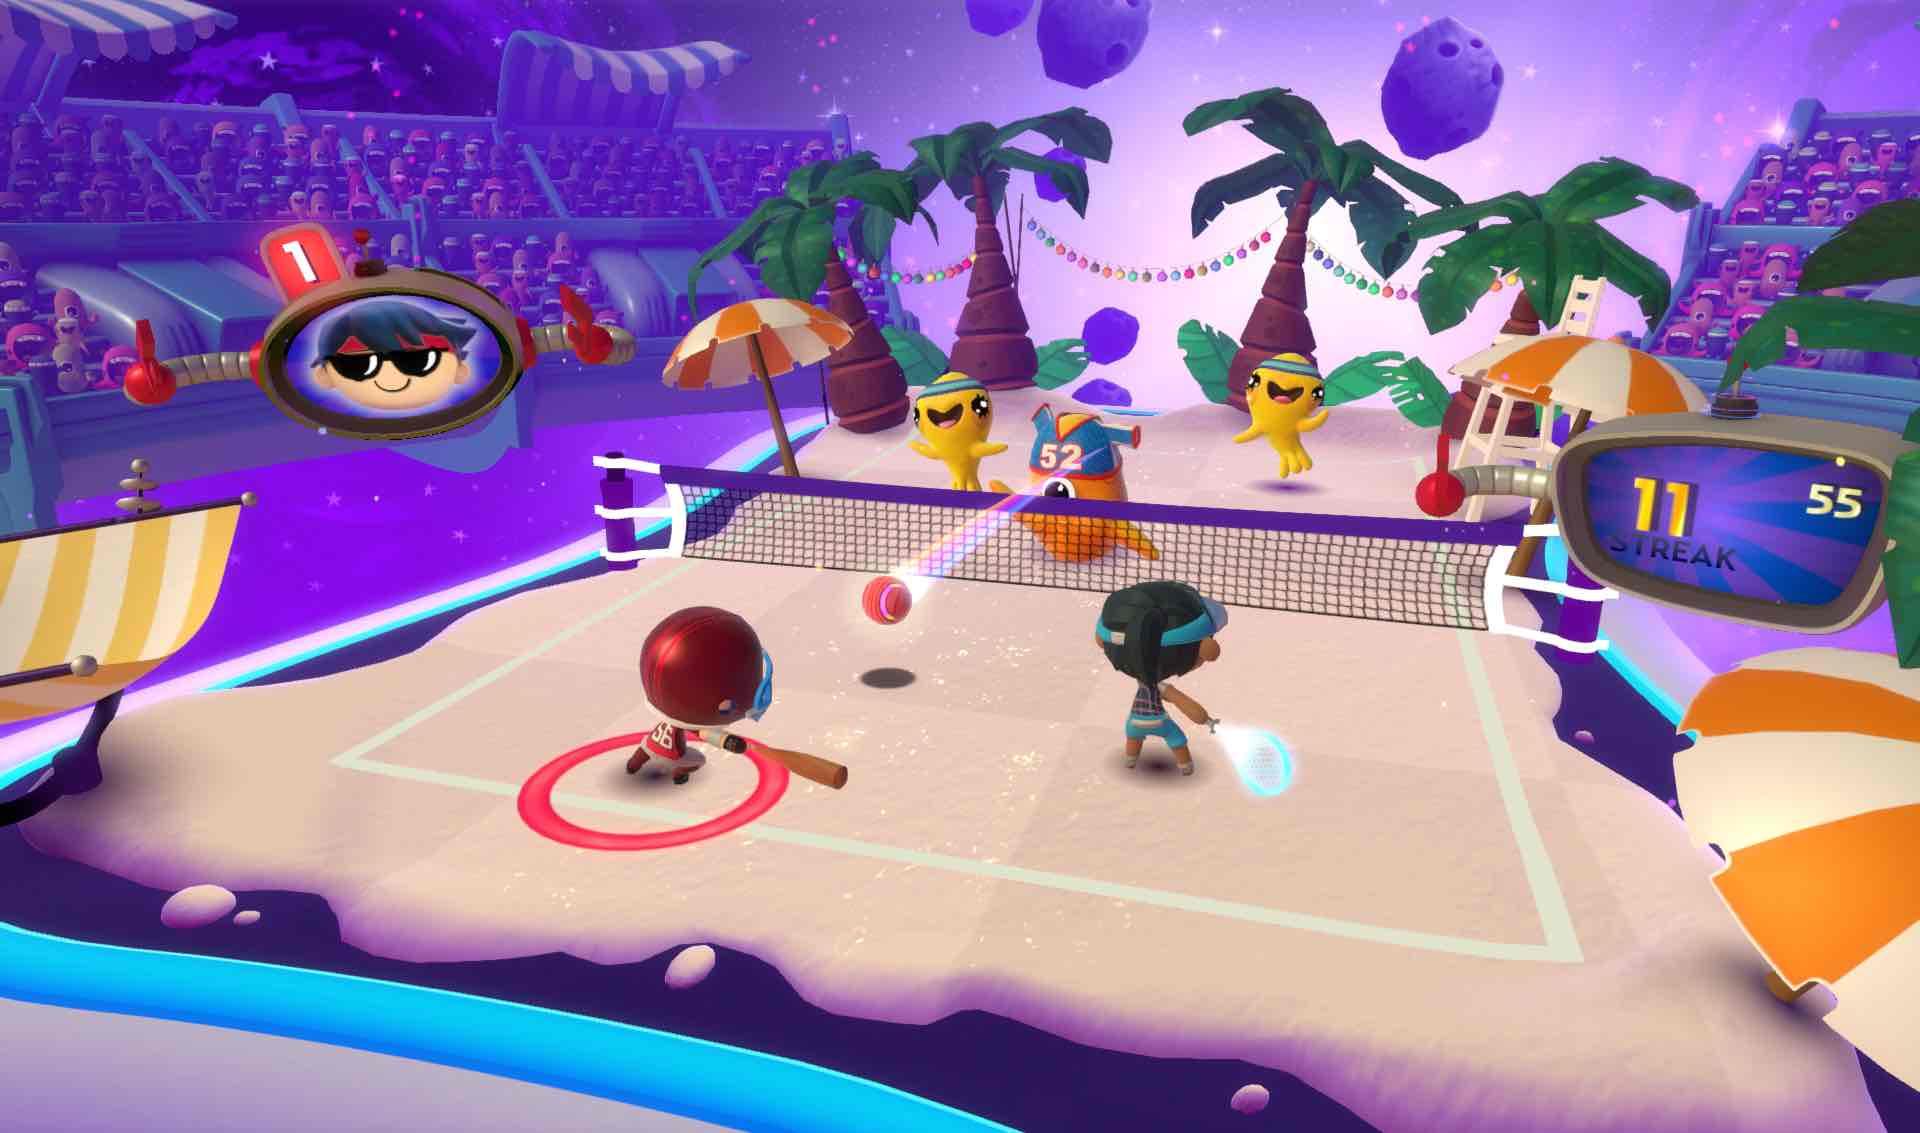 net-ball-super-beat-sports-review-screenshot